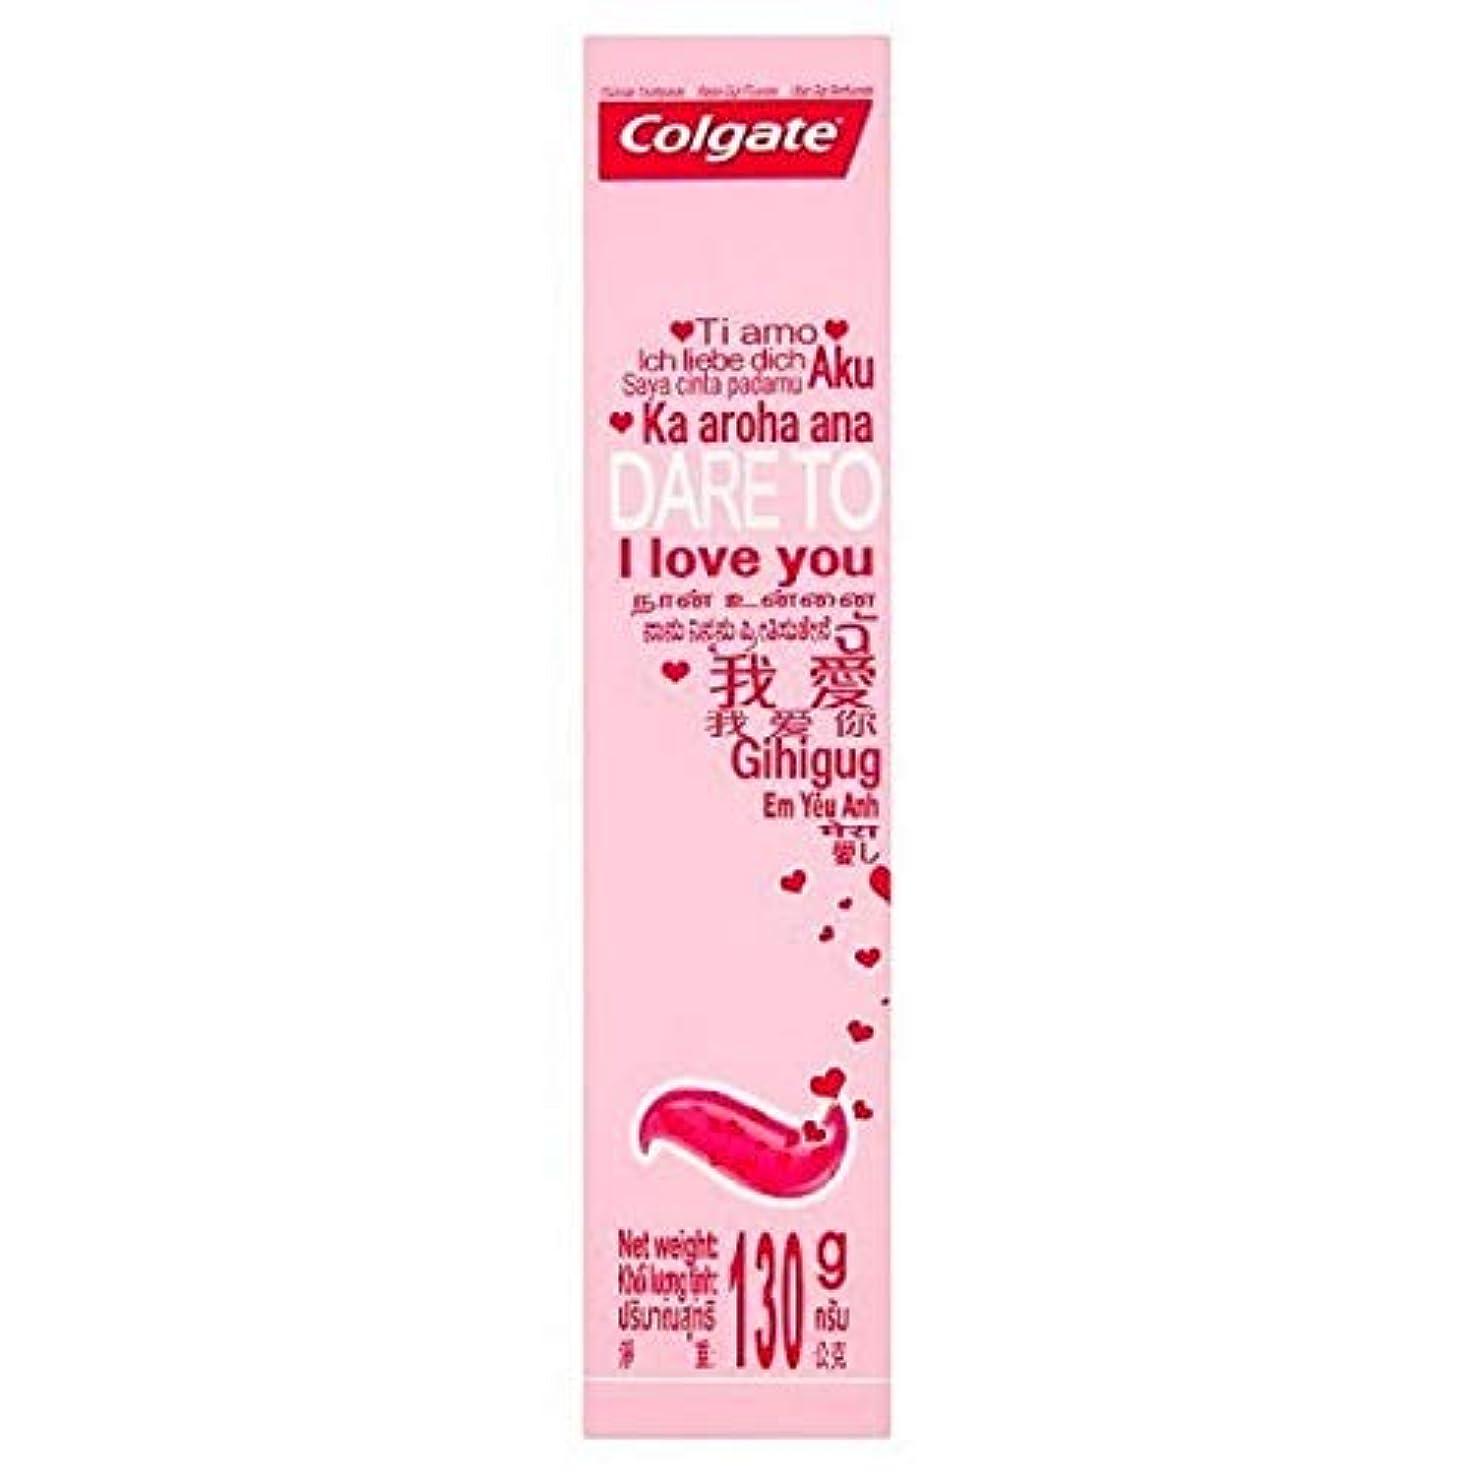 ディプロマ素晴らしいです絶望的な[Colgate ] コルゲートは、歯磨き粉の130グラムを愛することを敢えて - Colgate Dare To Love Toothpaste 130g [並行輸入品]